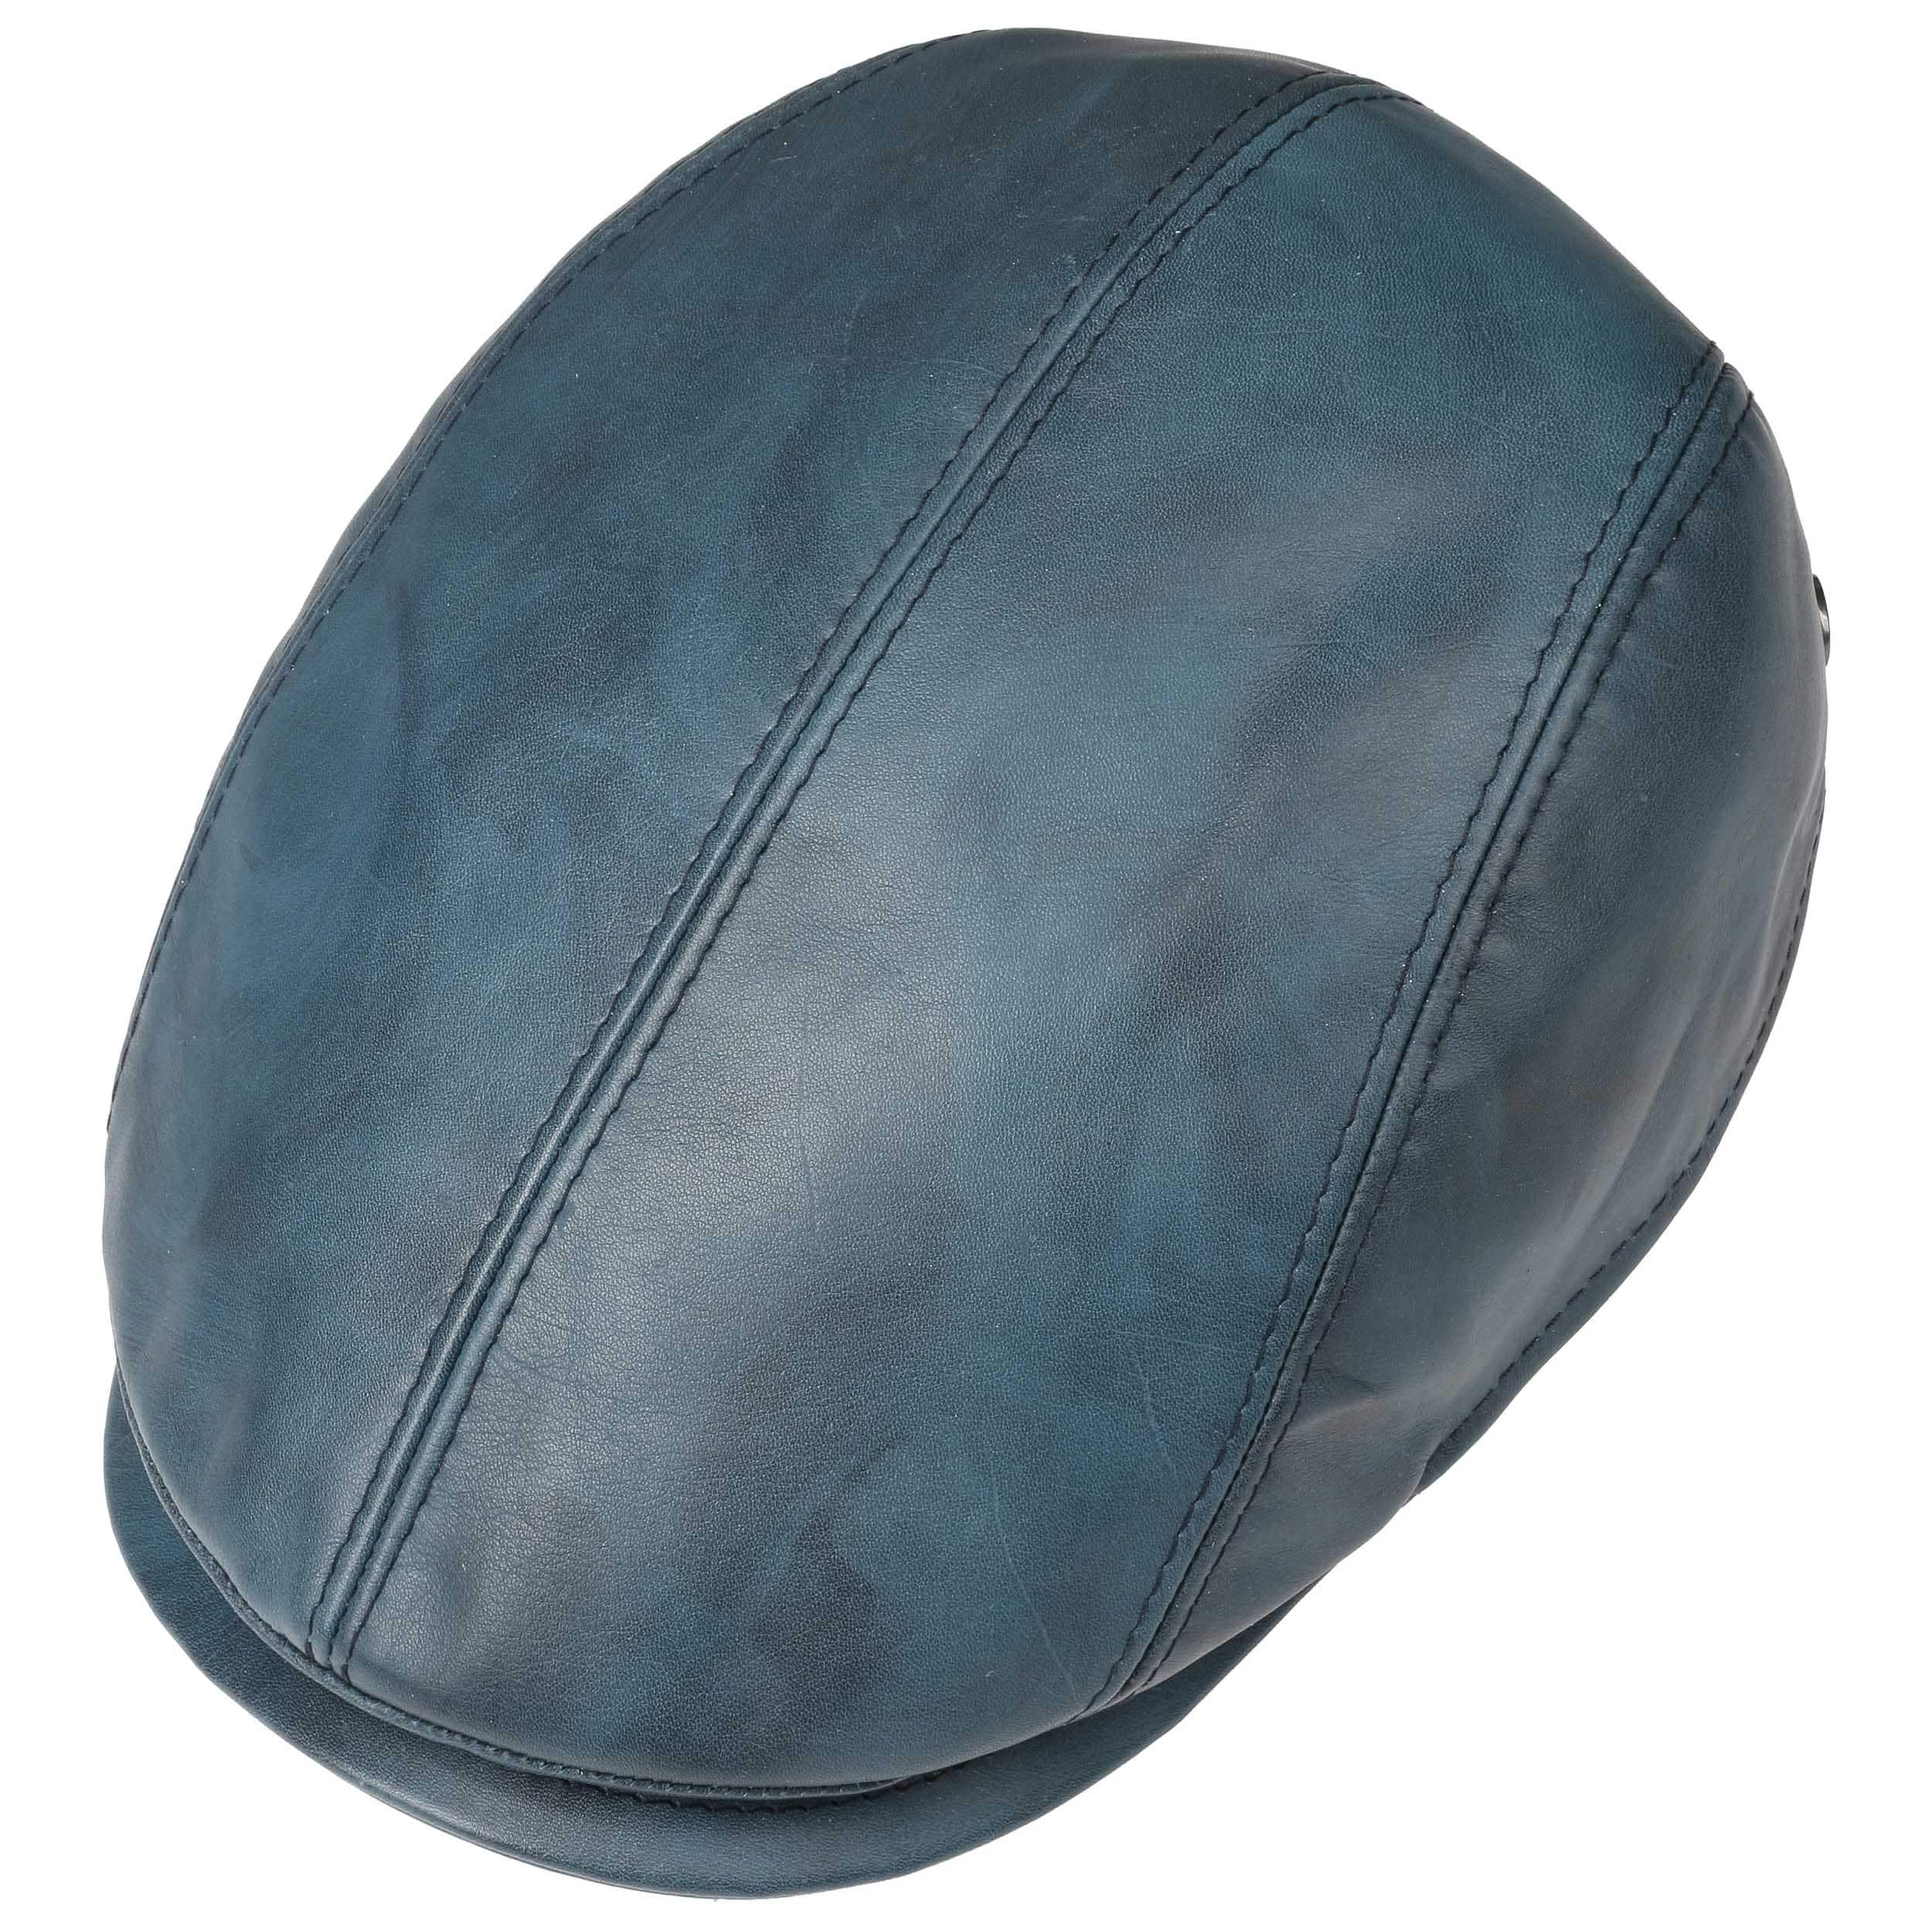 Gorra de Piel Wilson Brushstroke by Lierys - Gorras - sombreroshop.es fb18ea80bf5